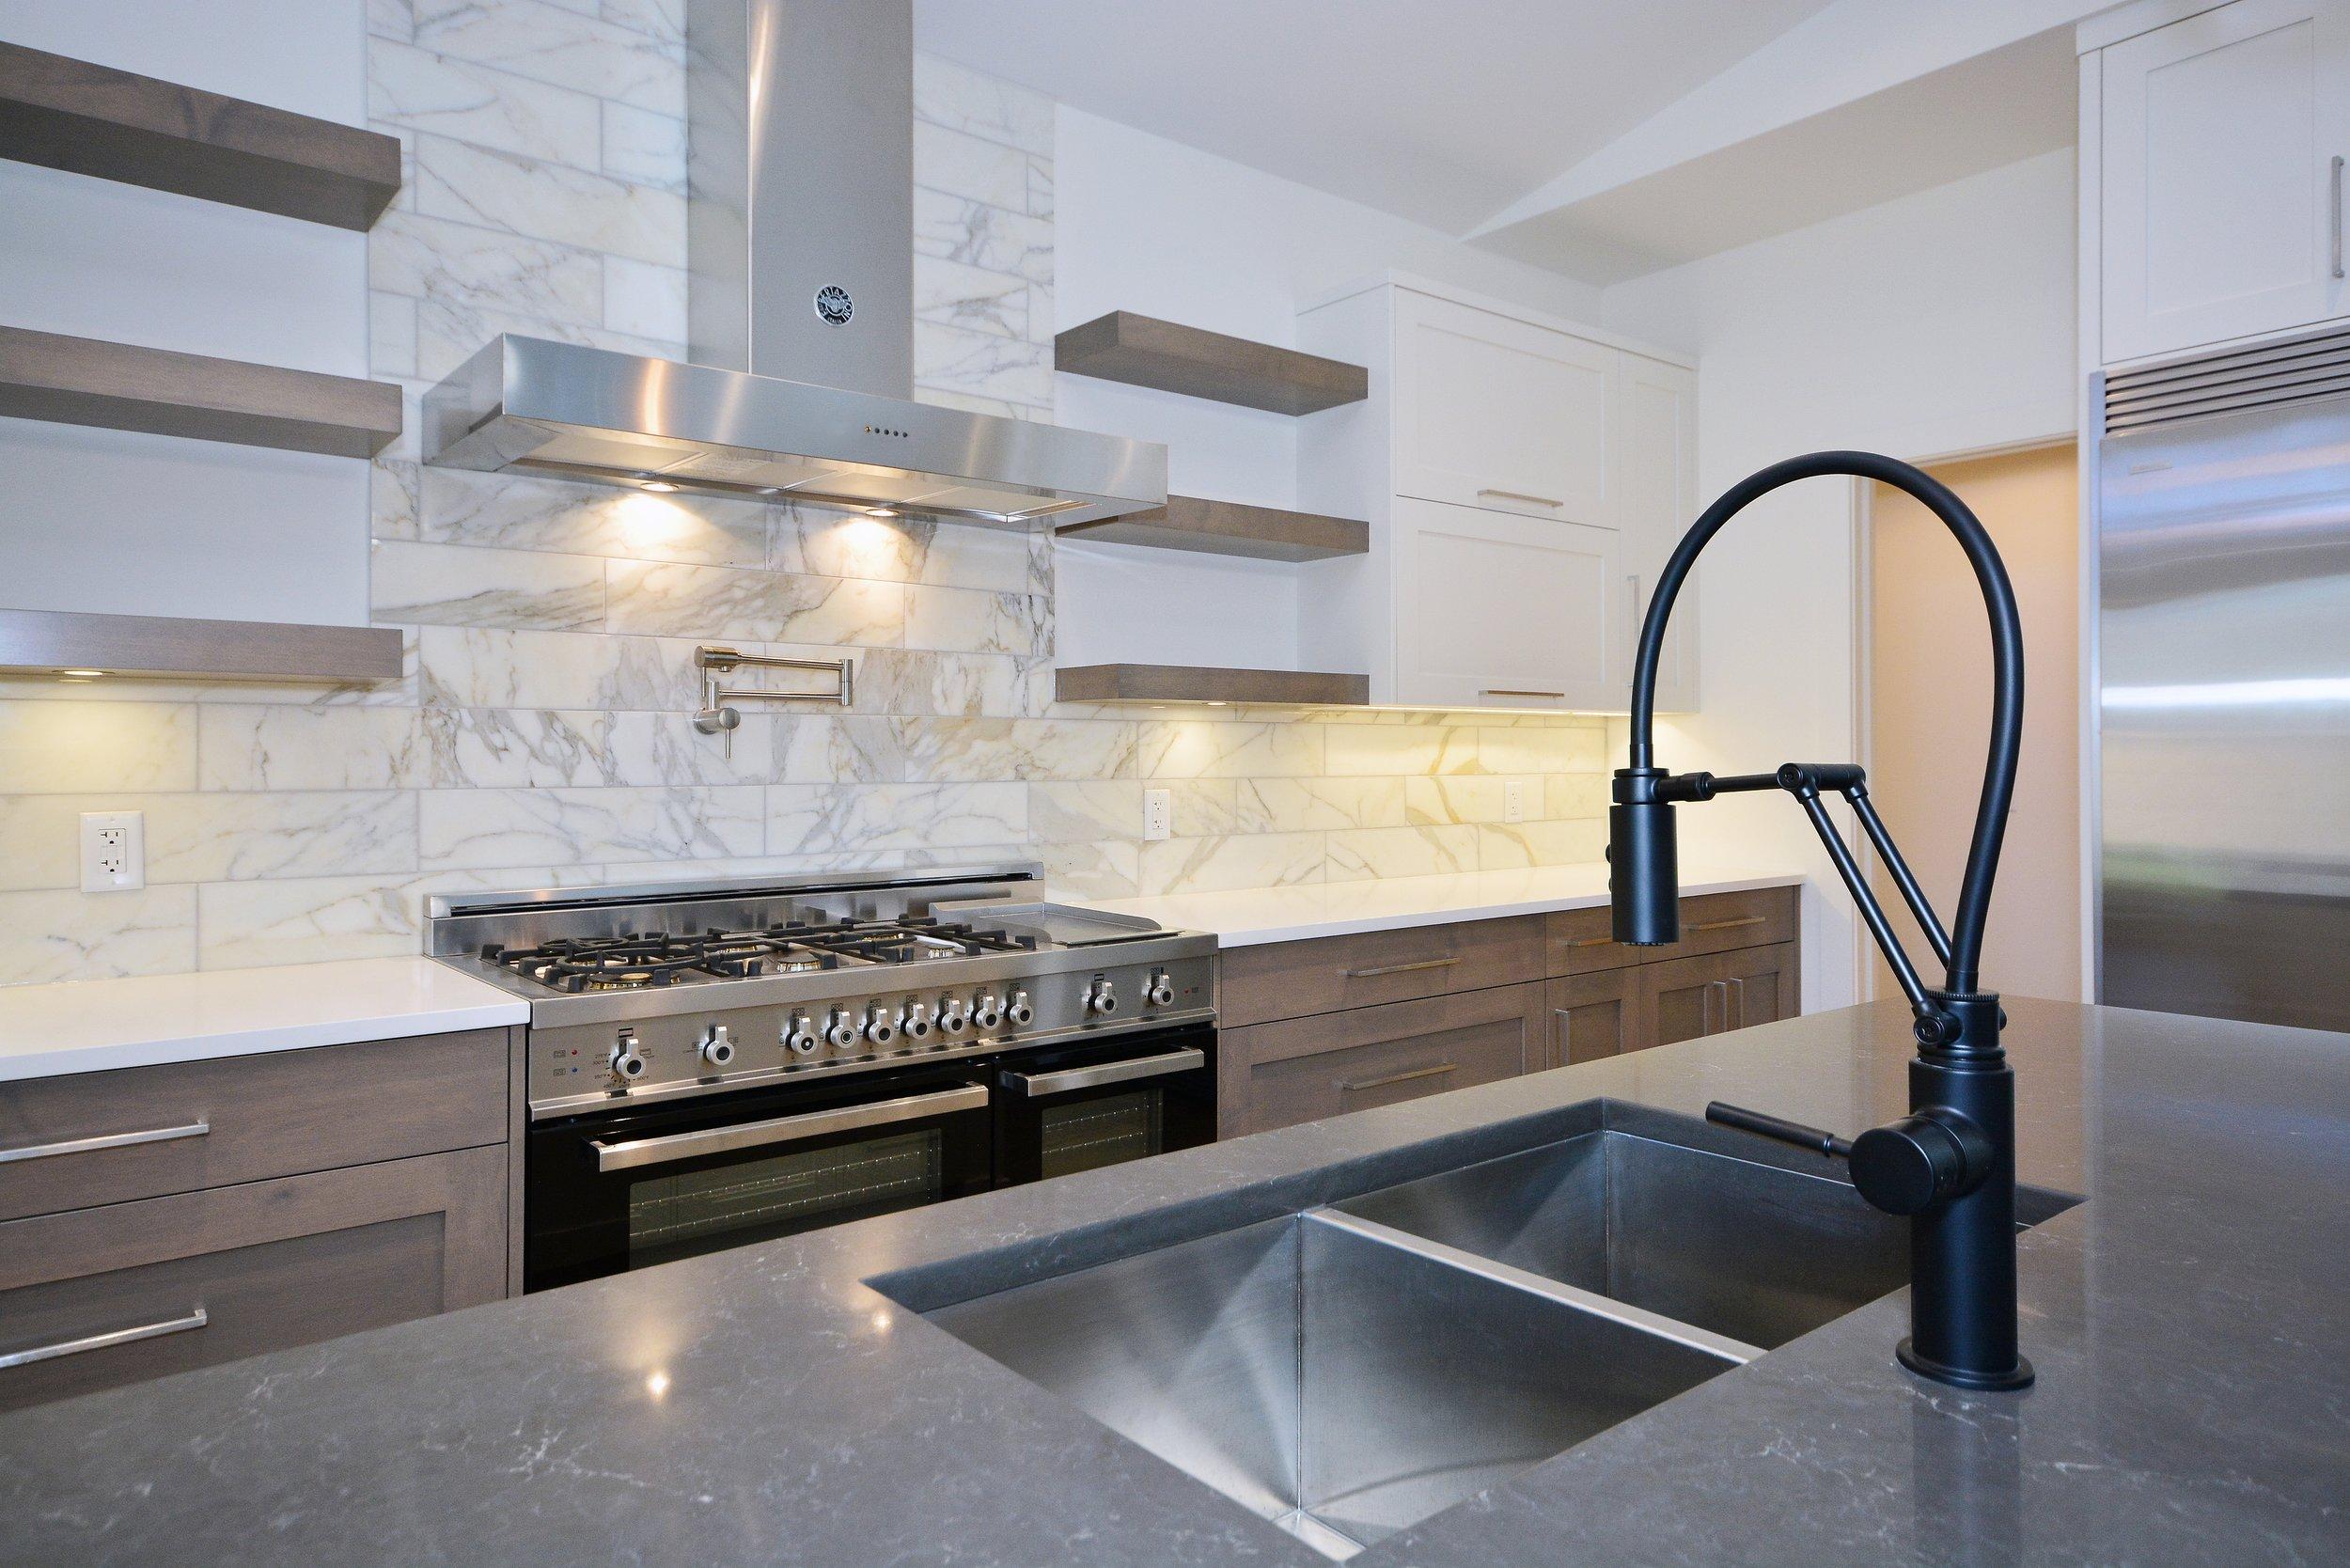 kitchen feature 1.jpg